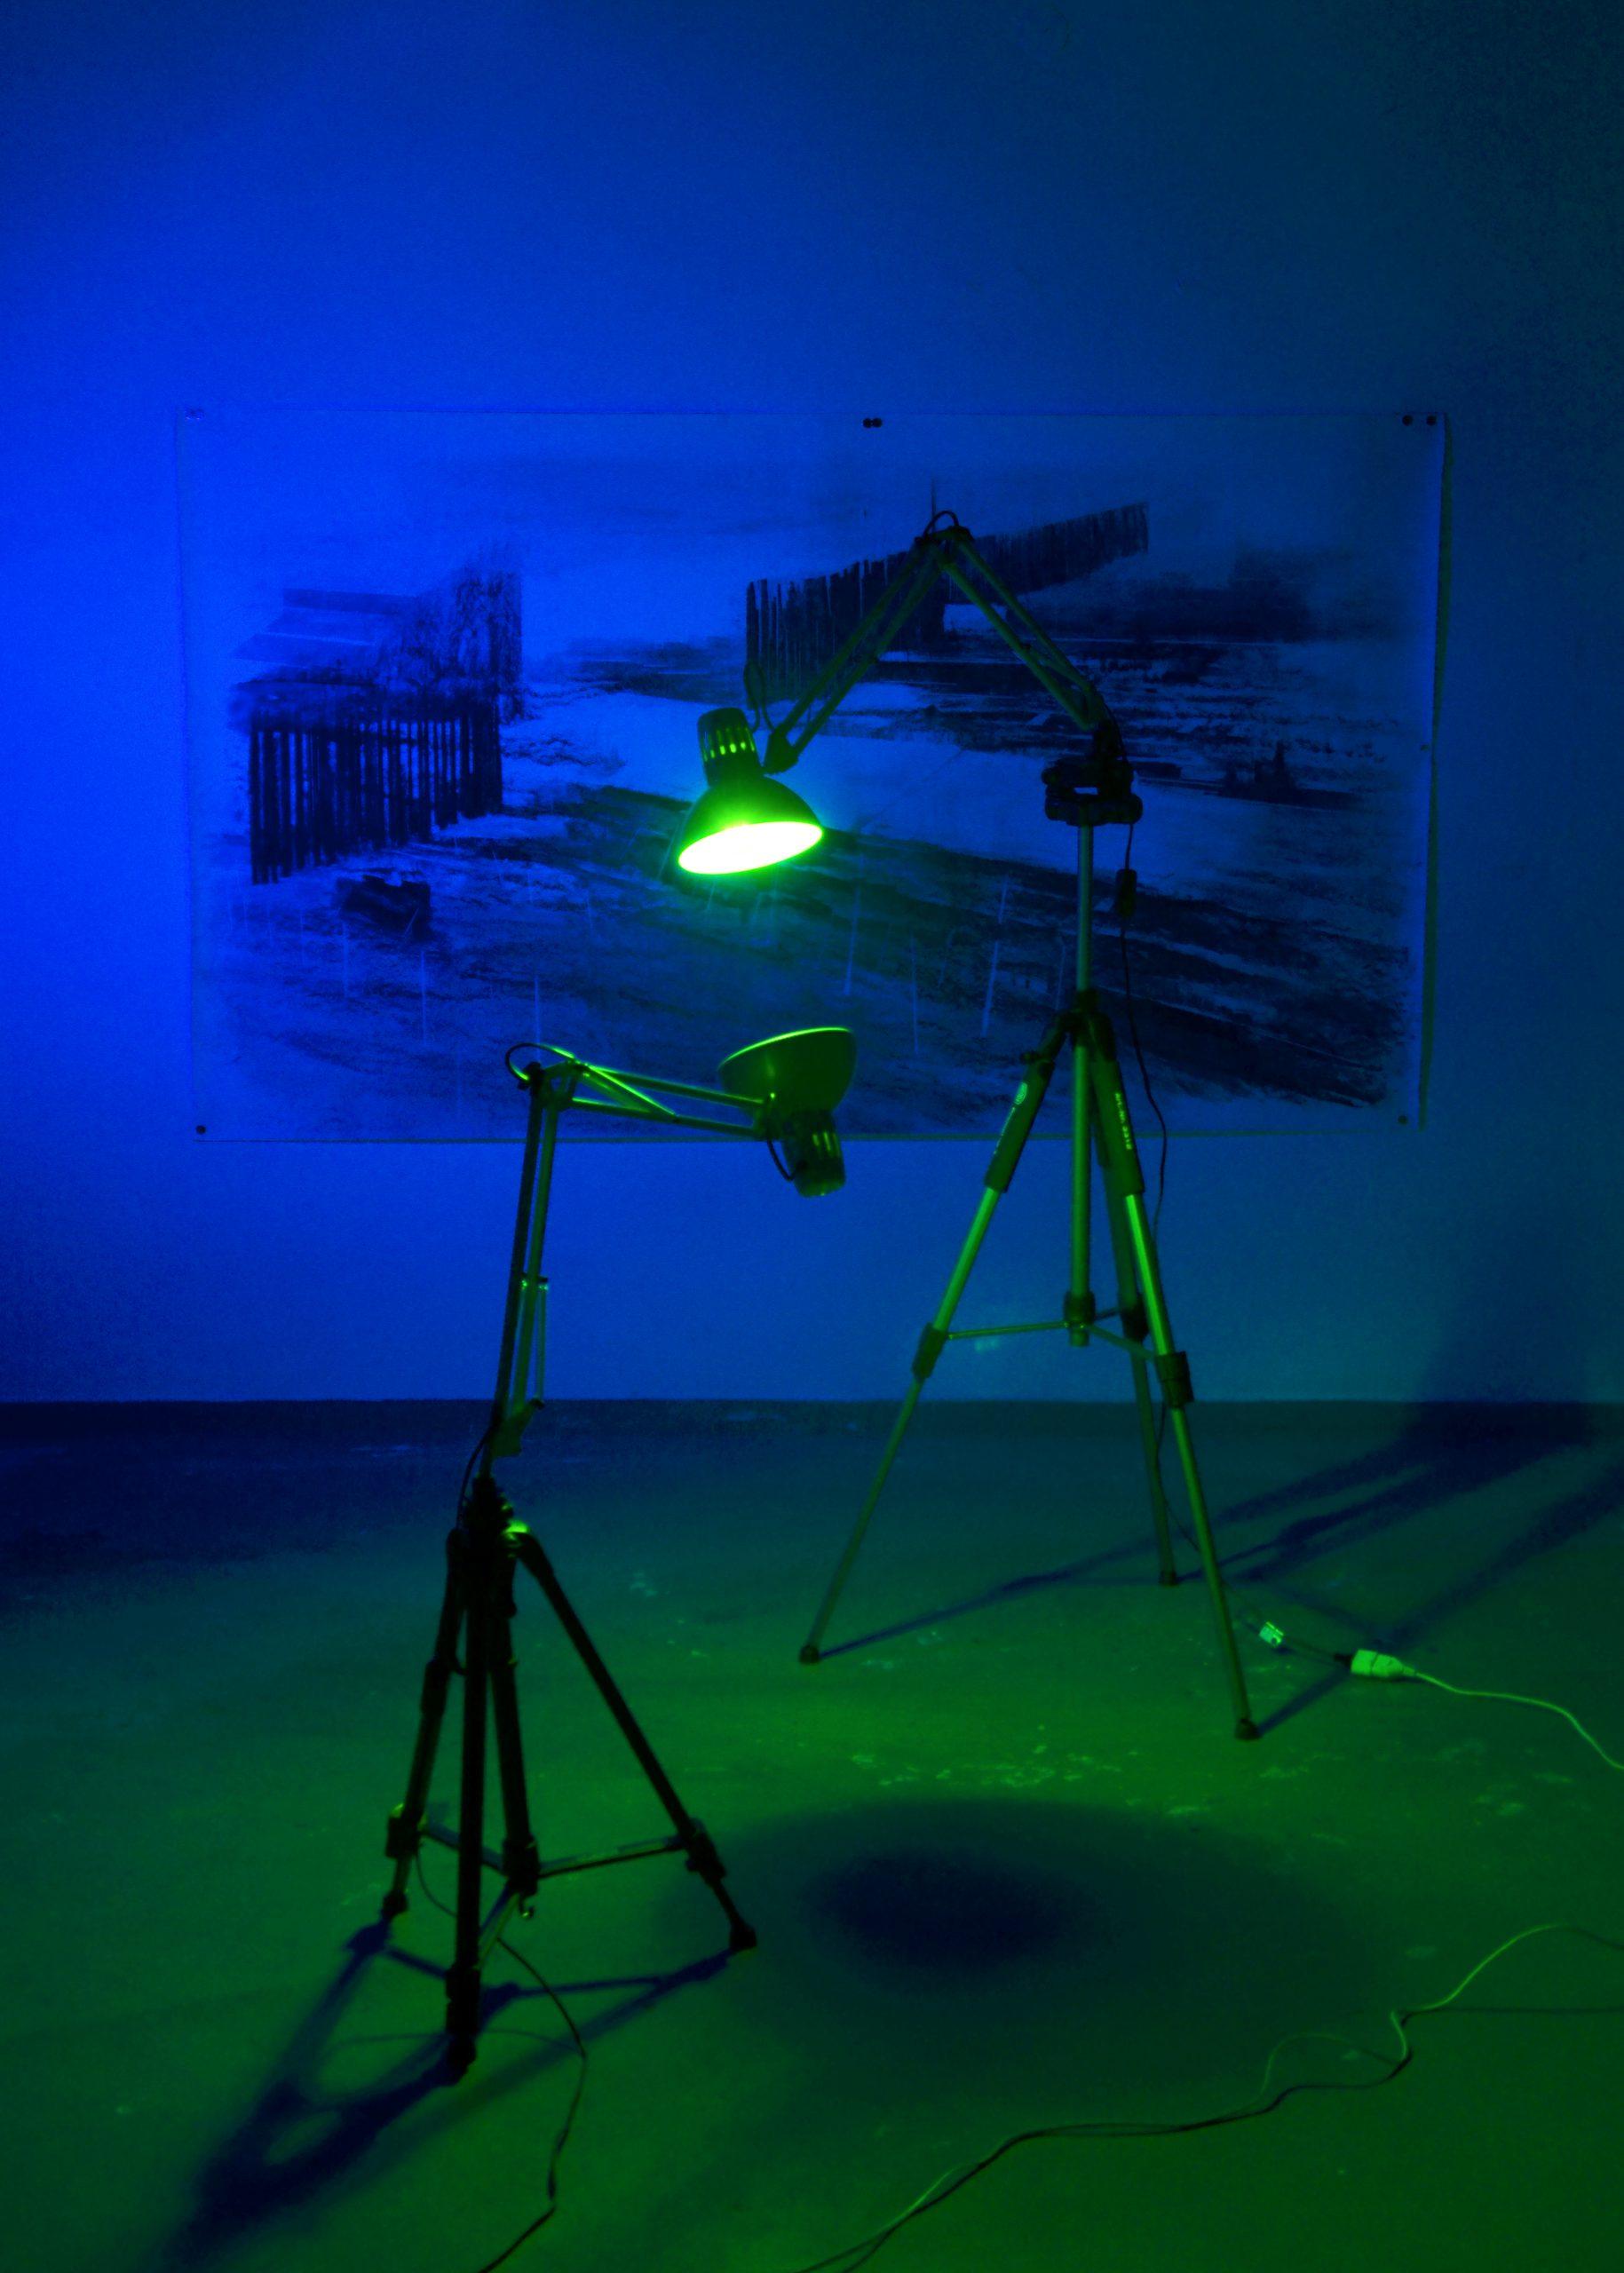 Κώστας-Παππάς-κατασκευή-μετταλικά-τρίποδα-χρωματιστά-φώτα-φωτιστικά-σχέδιο-210×120-κάρβουνο-σε-χαρτί